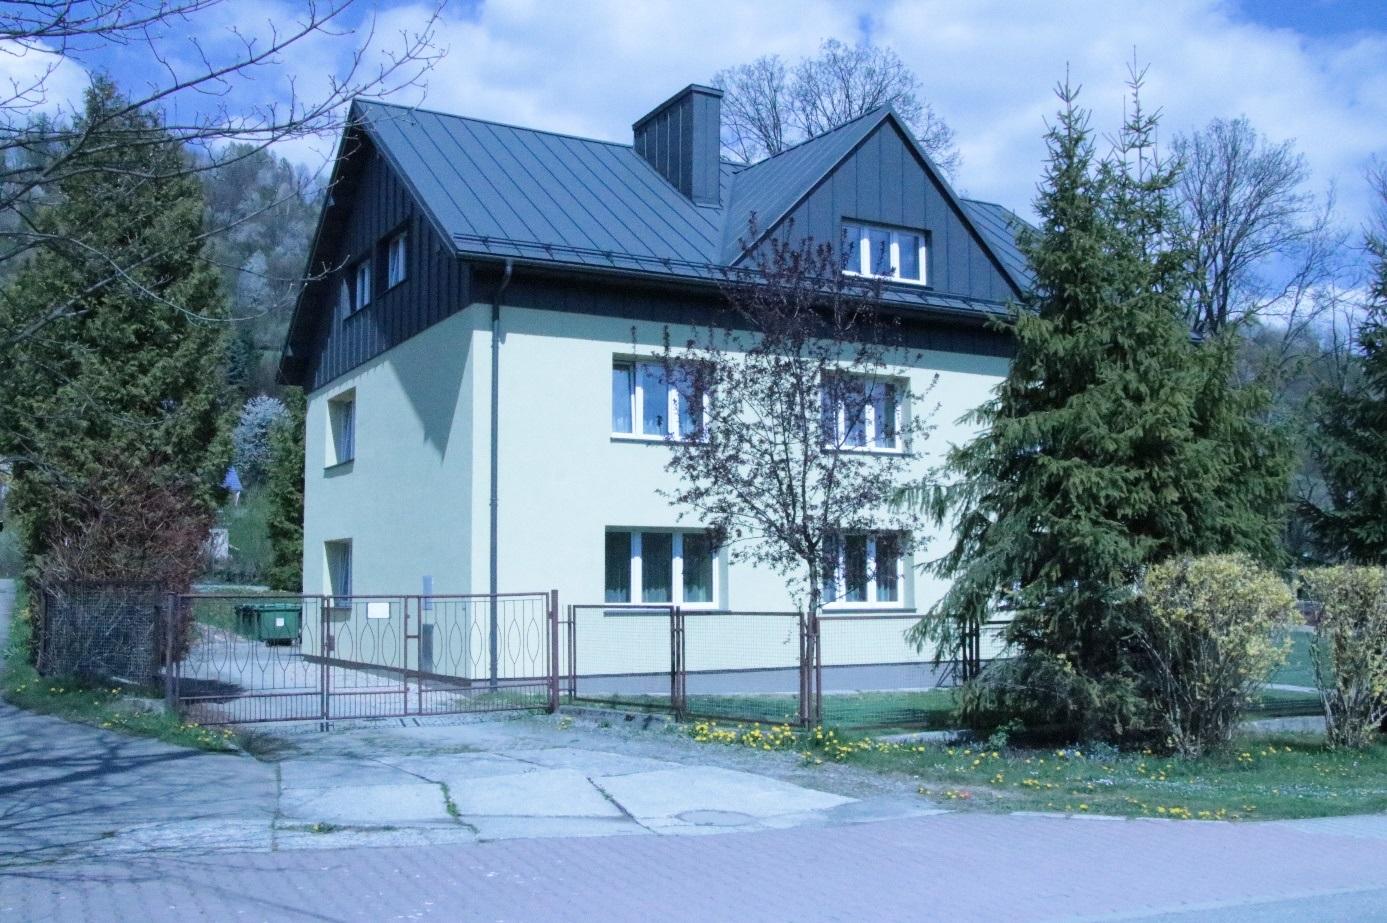 widok na budynek starej kolonii